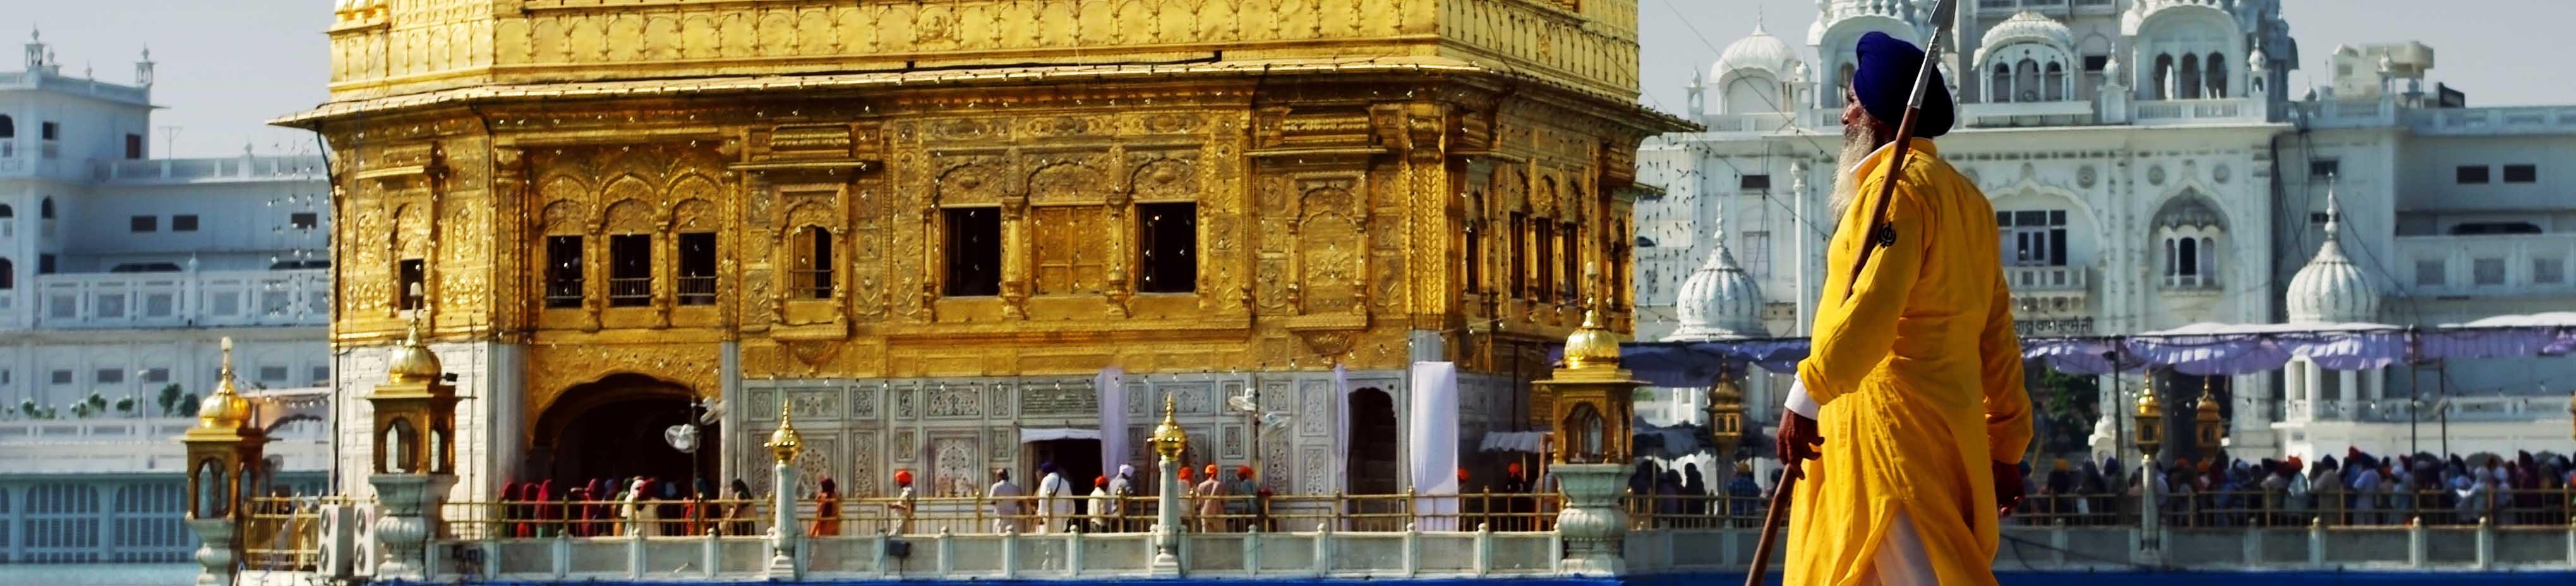 Comment aller en Inde : tous savoir sur les moyens de transport pour faire un voyage au départ de la France